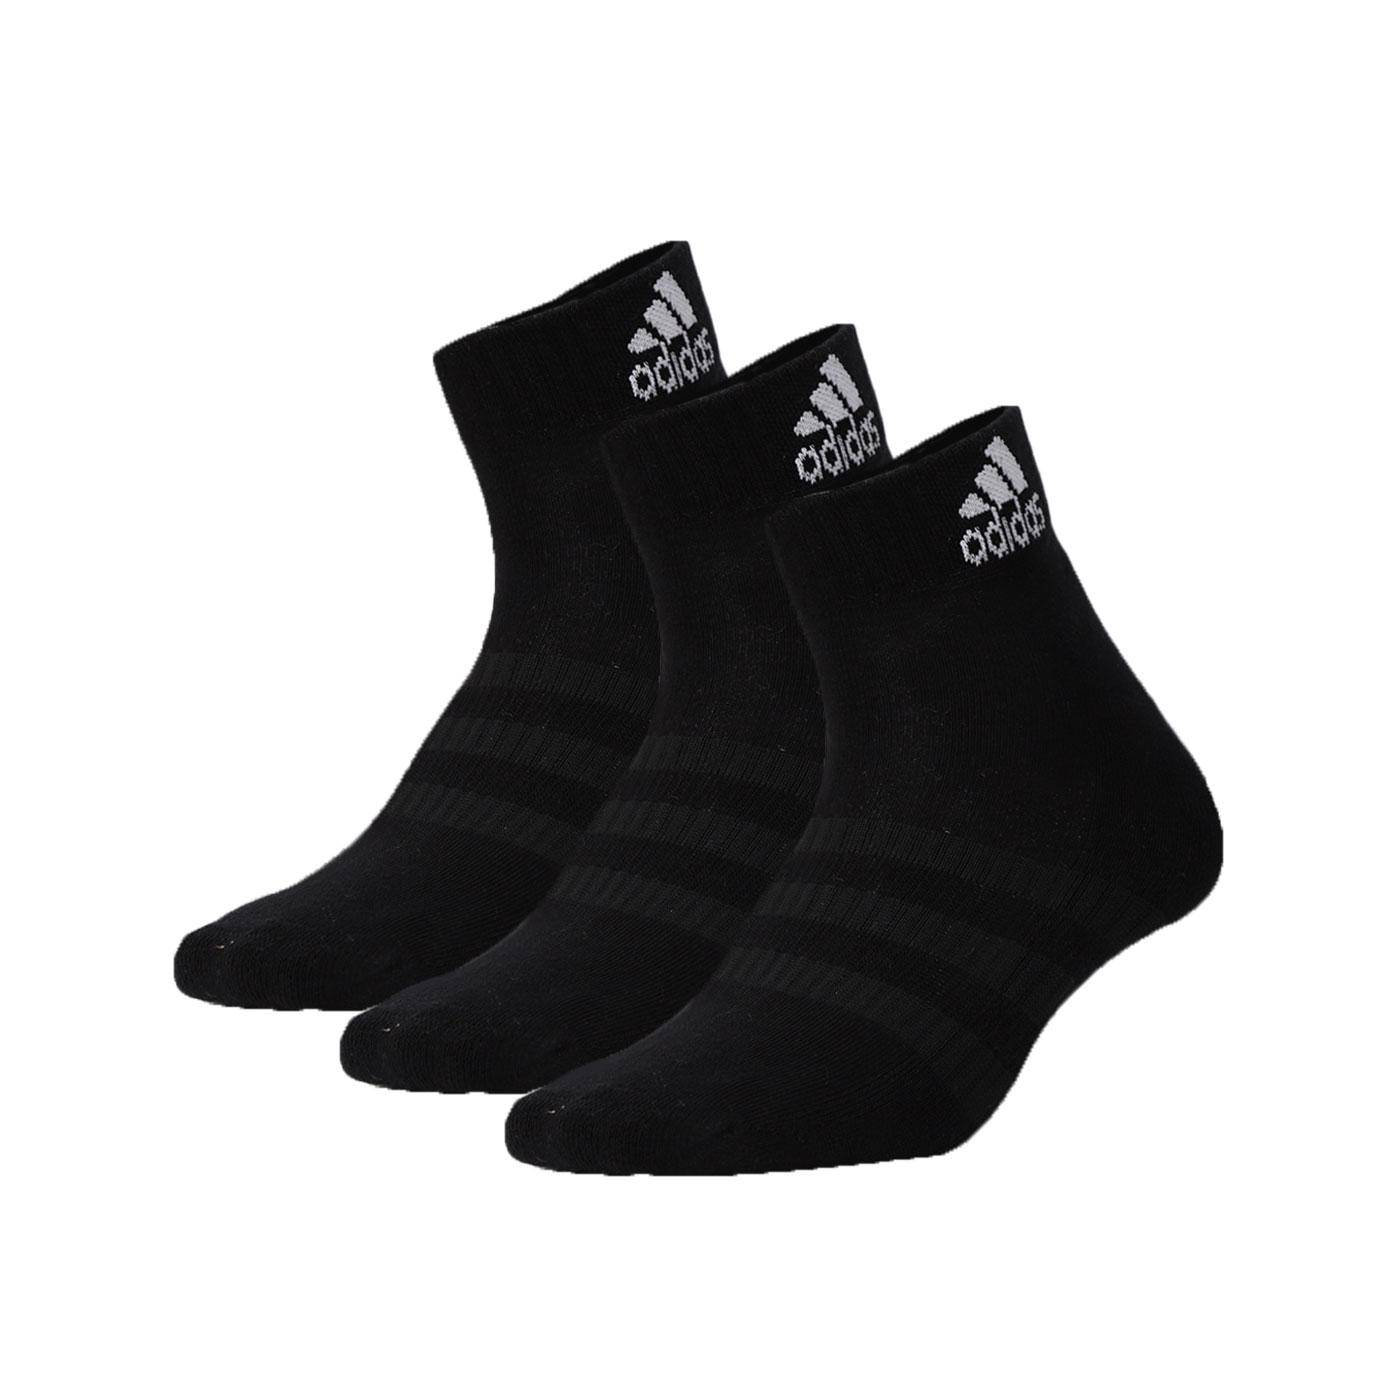 ADIDAS 運動短襪(三雙入) DZ9435 - 黑白